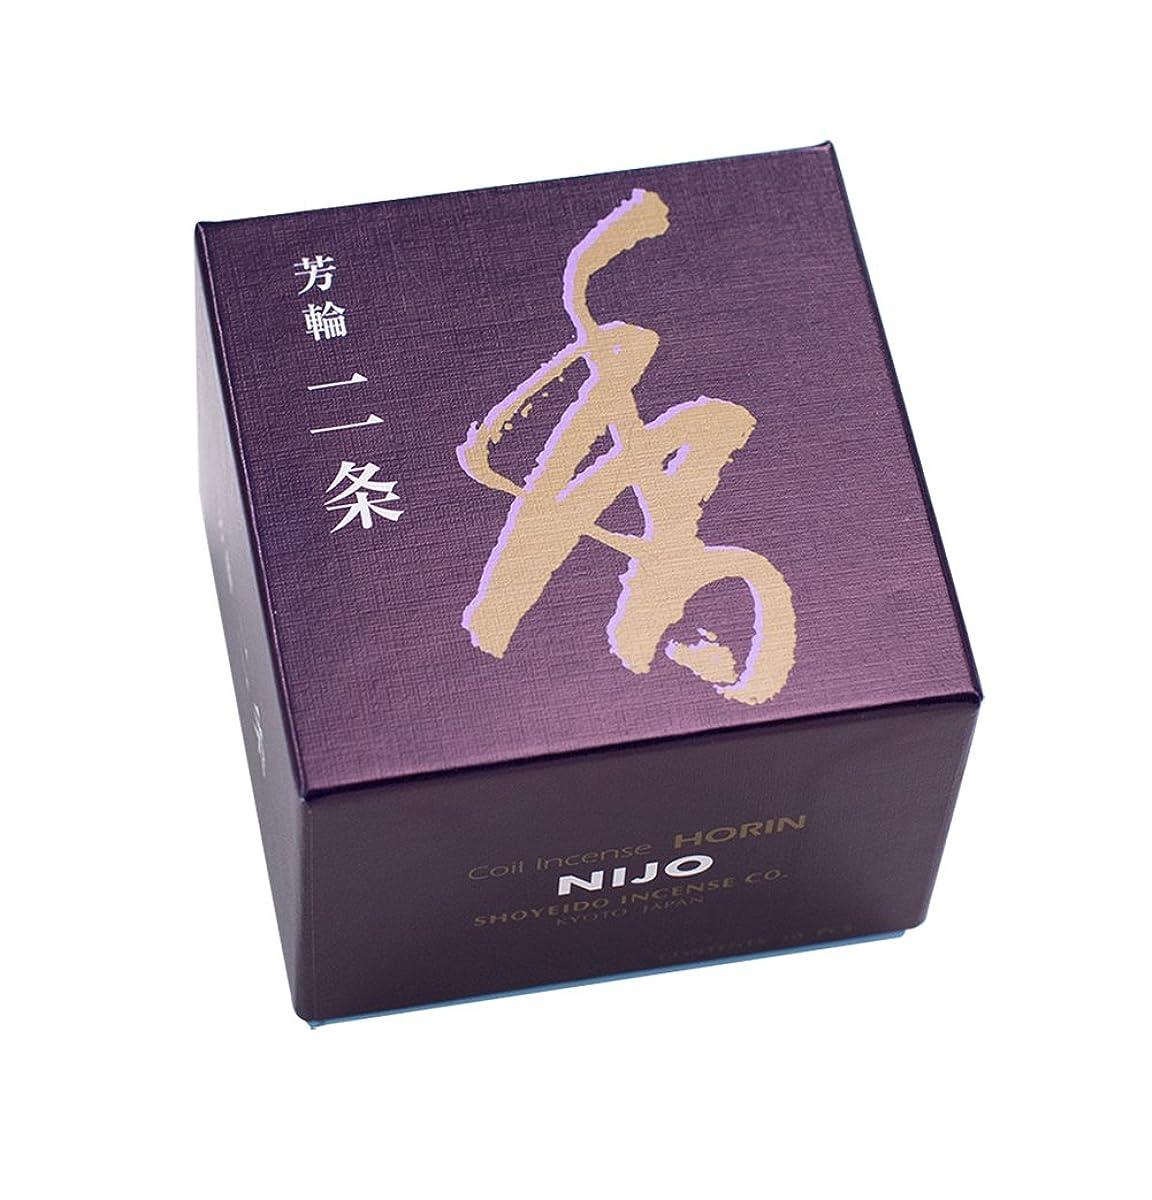 特権可塑性咲く松栄堂のお香 芳輪二条 渦巻型10枚入 うてな角型付 #210121